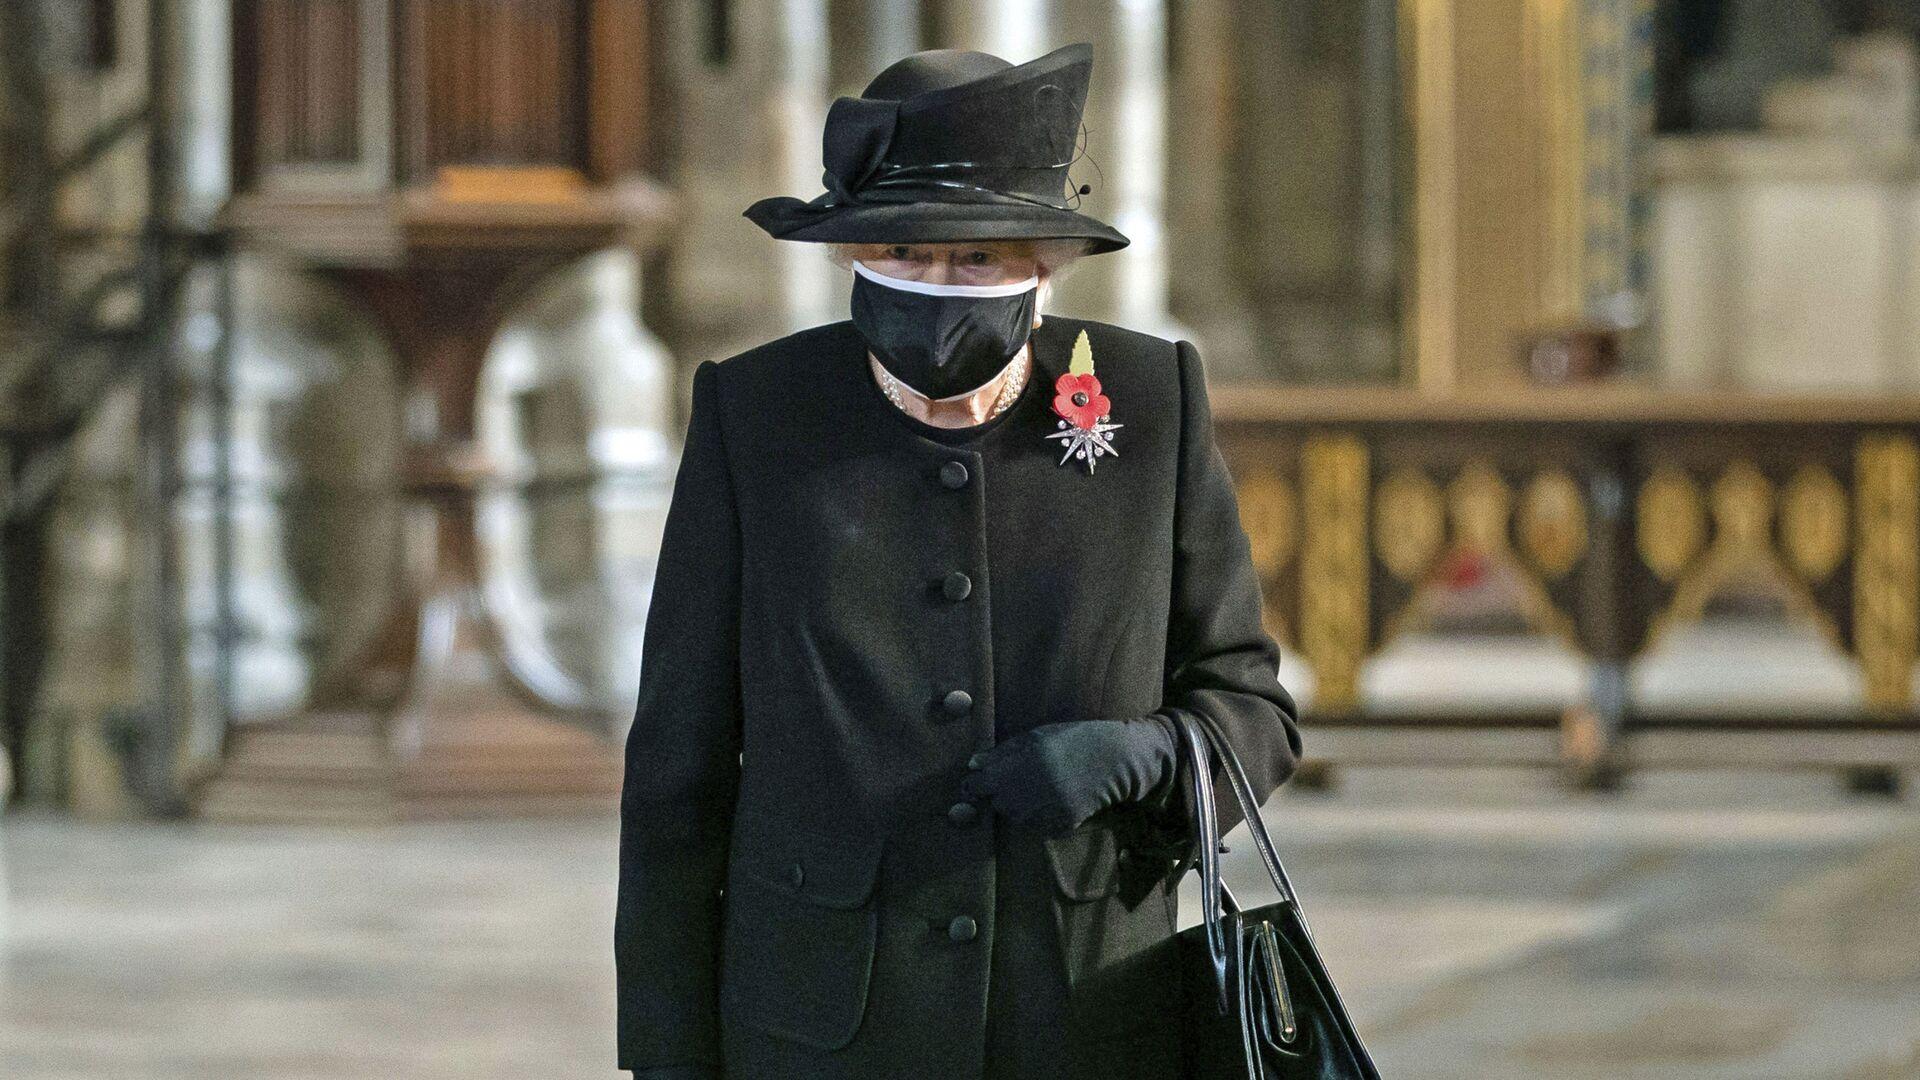 Britská královna Alžbeta II. - Sputnik Česká republika, 1920, 14.04.2021